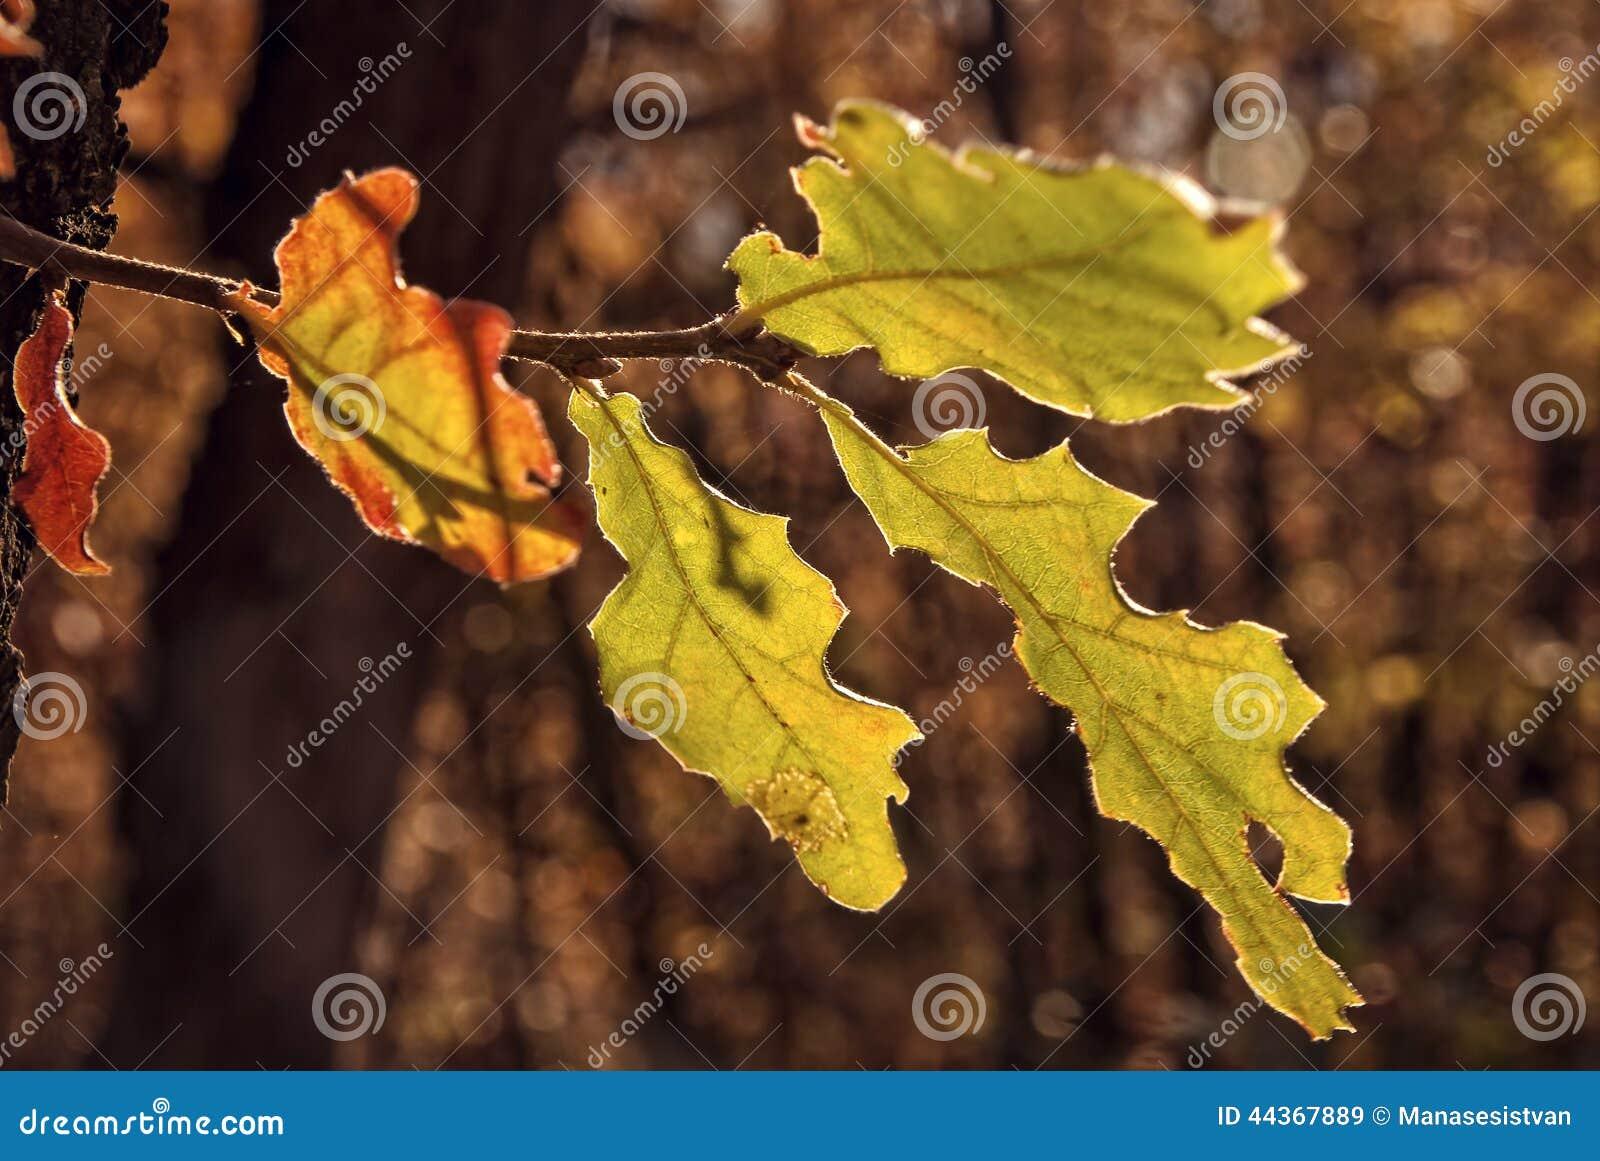 Foglie variopinte della quercia in autunno